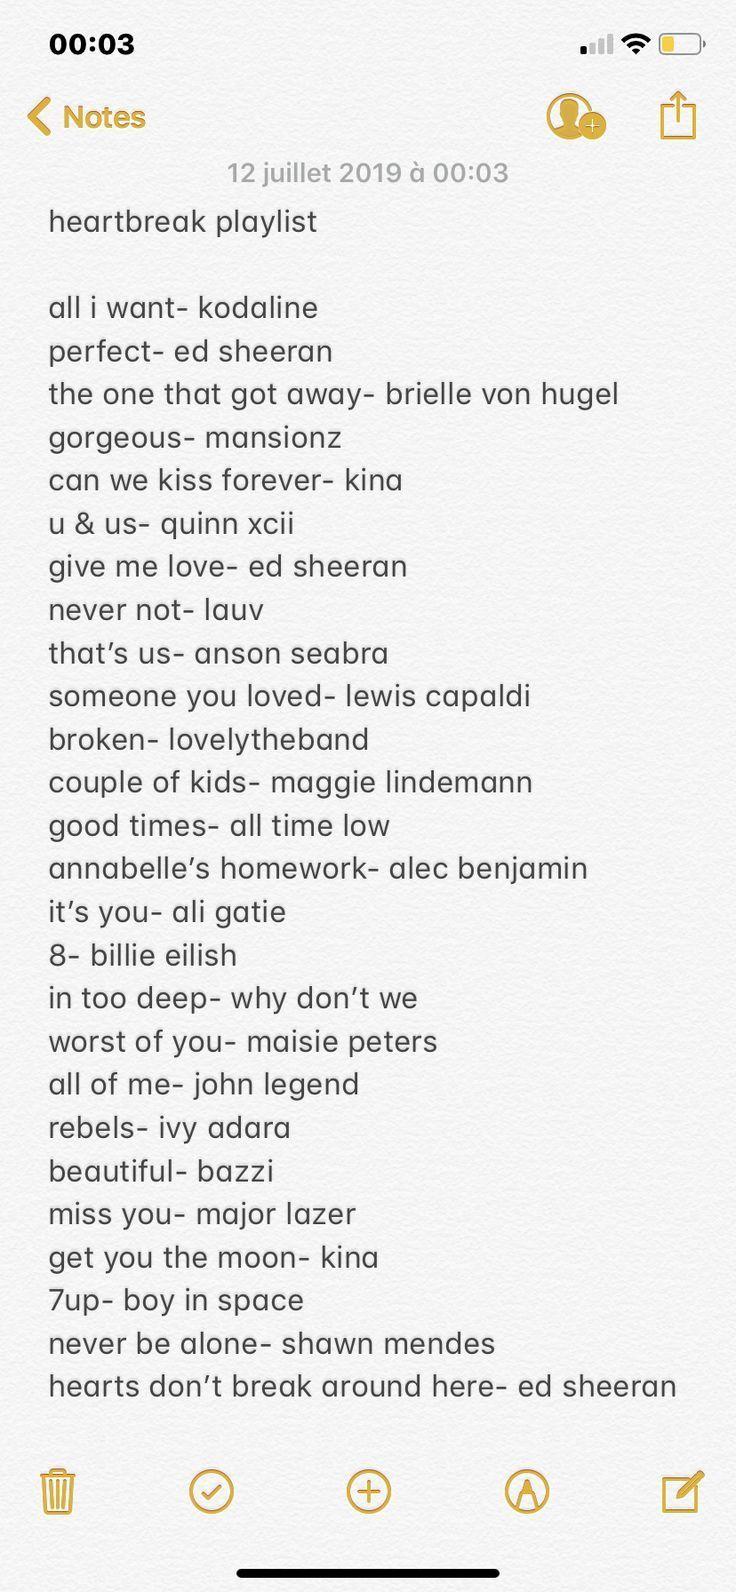 Playlist Fur Gebrochene Herzen Gebrochene Herzen Playlist Love Songs Playlist Song Suggestions Heartbreak Songs